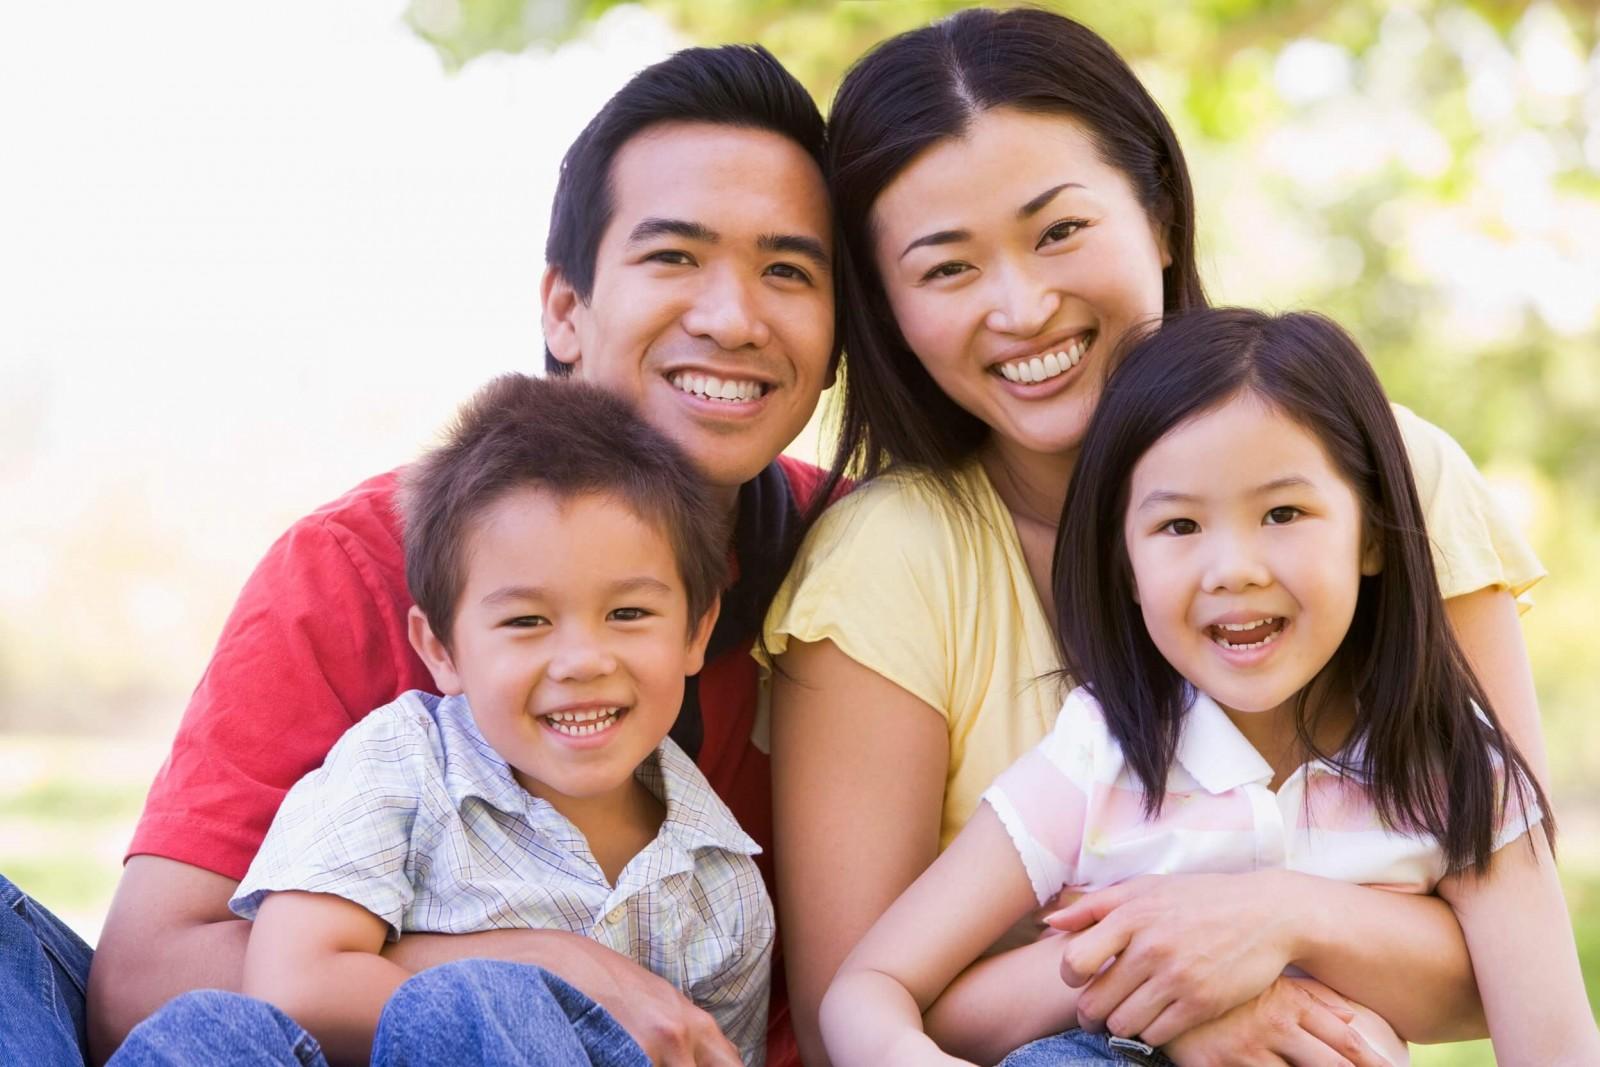 Японія: як виховують дітей у країні майбутнього